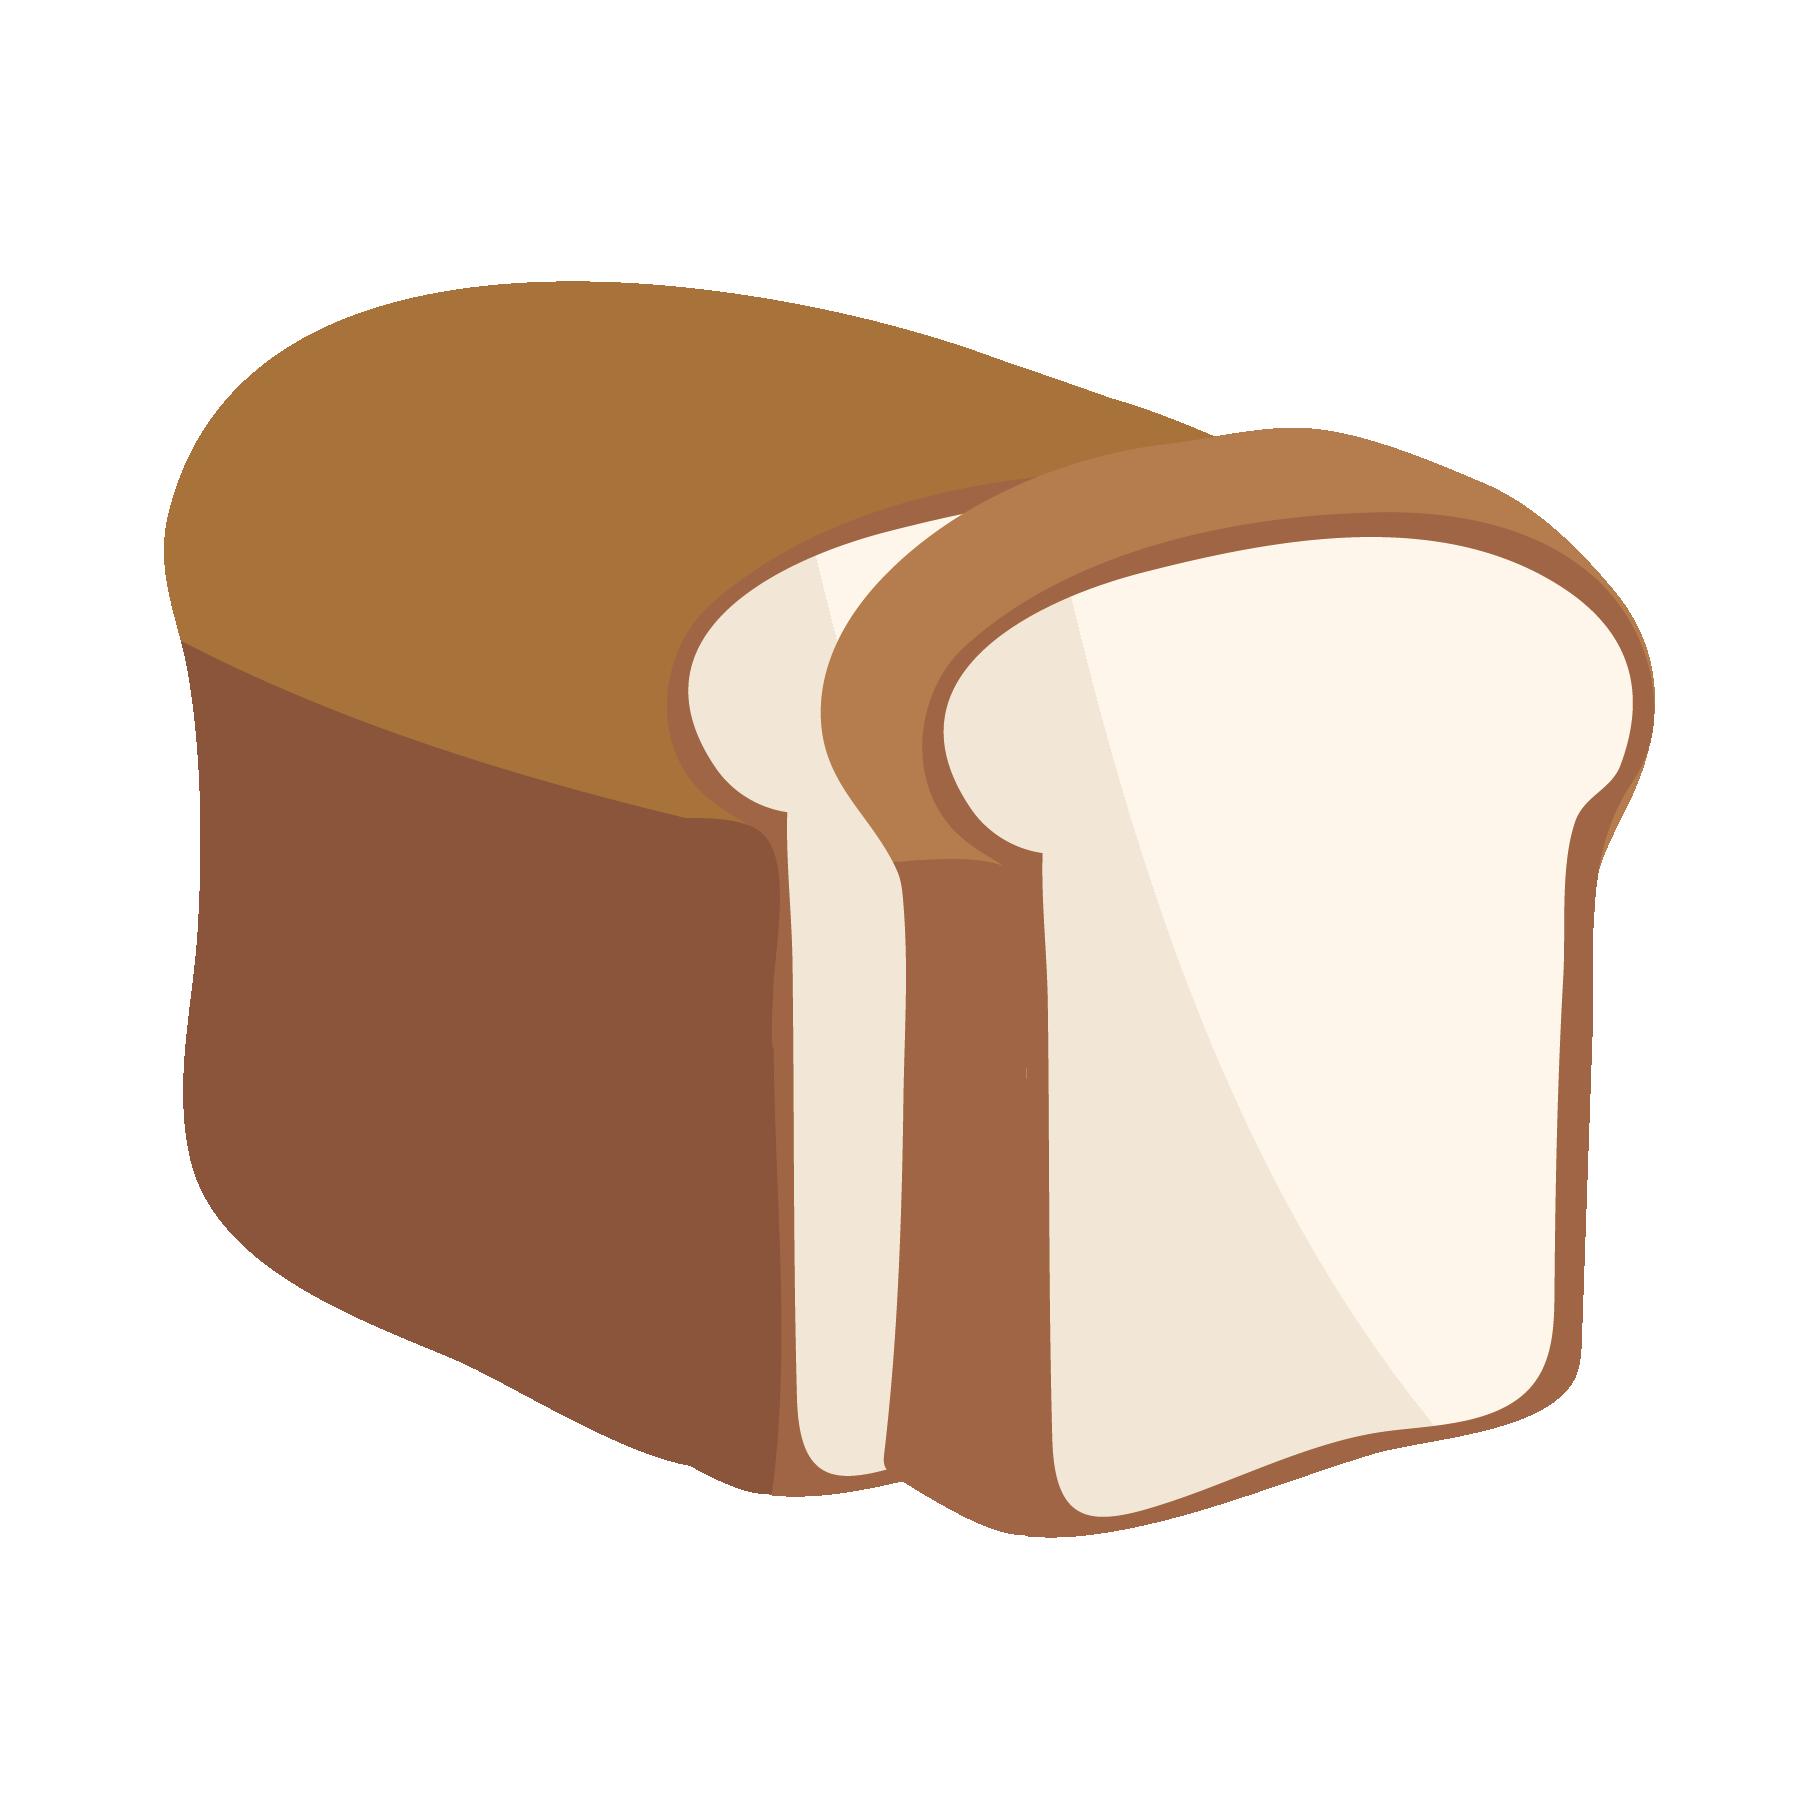 山型山切り食パンイギリスパンのイラスト 商用フリー無料の